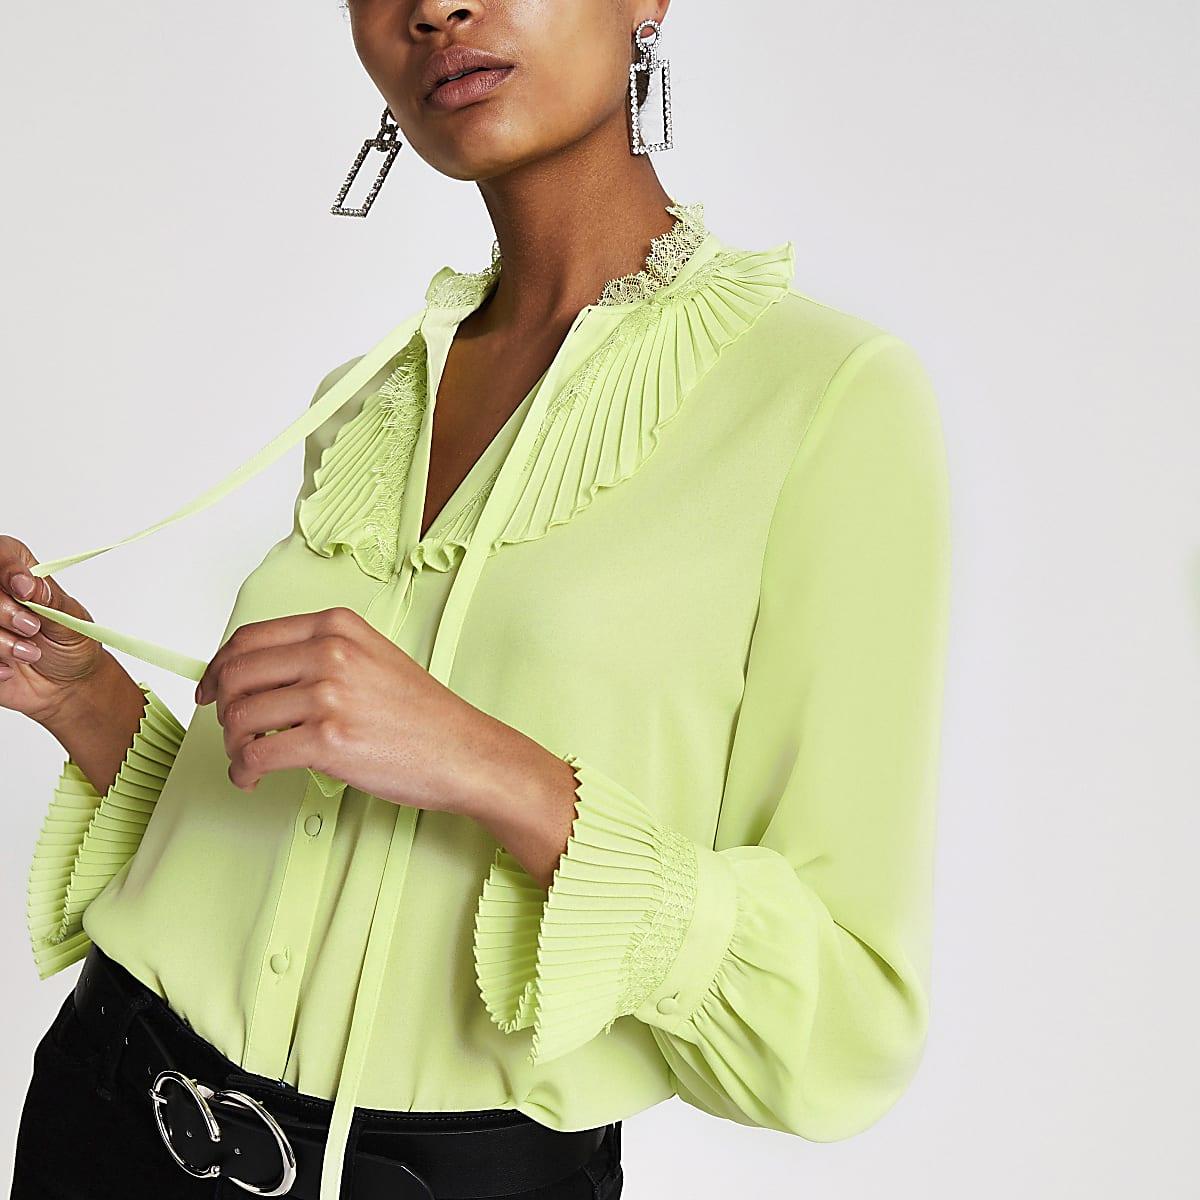 Limoengroene blouse met kanten en strik bij de hals